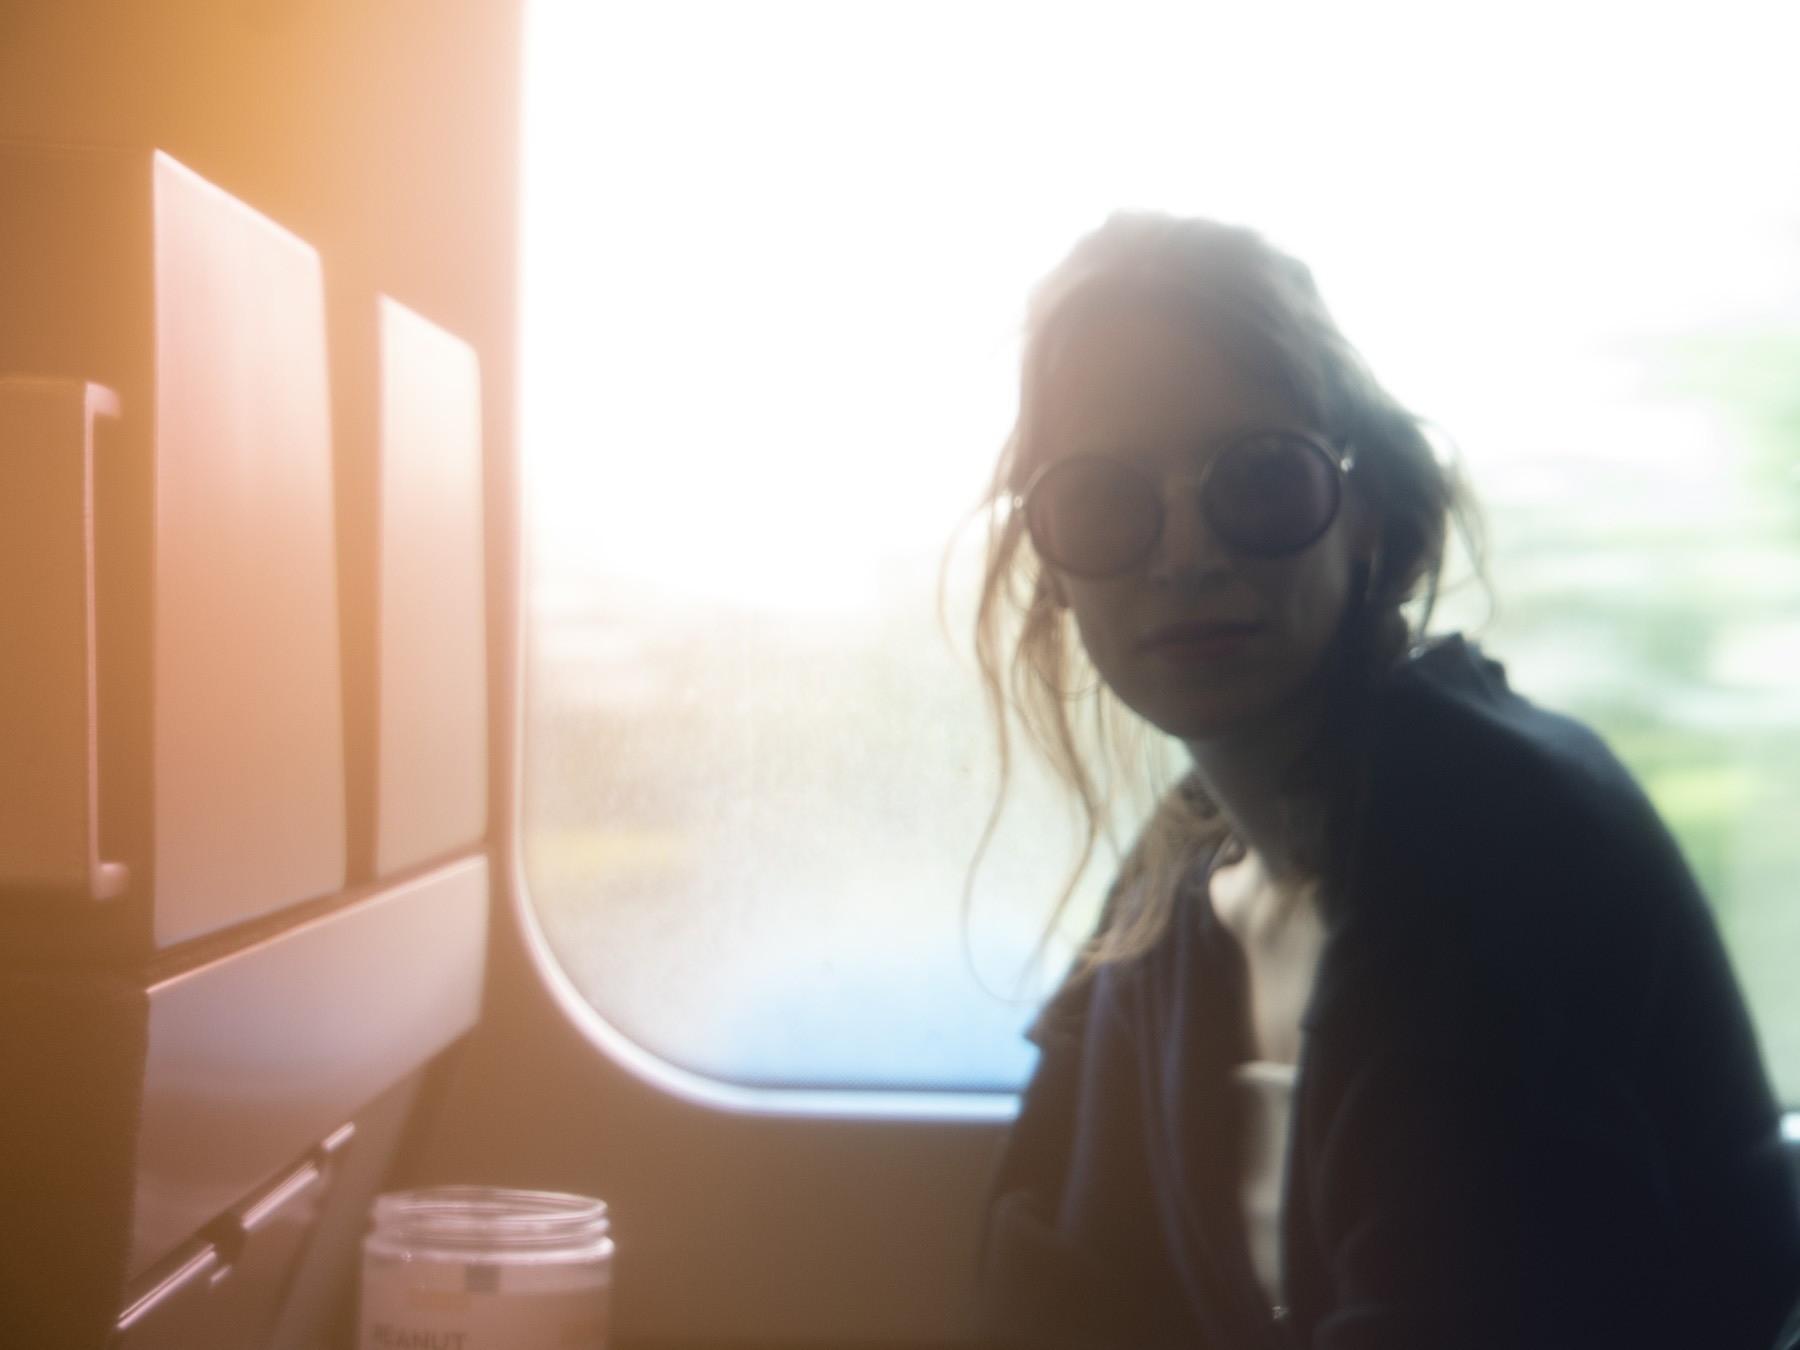 Fotosjov: Farvelader på filtret - Marie ligner lidt en rockstjerne:-)